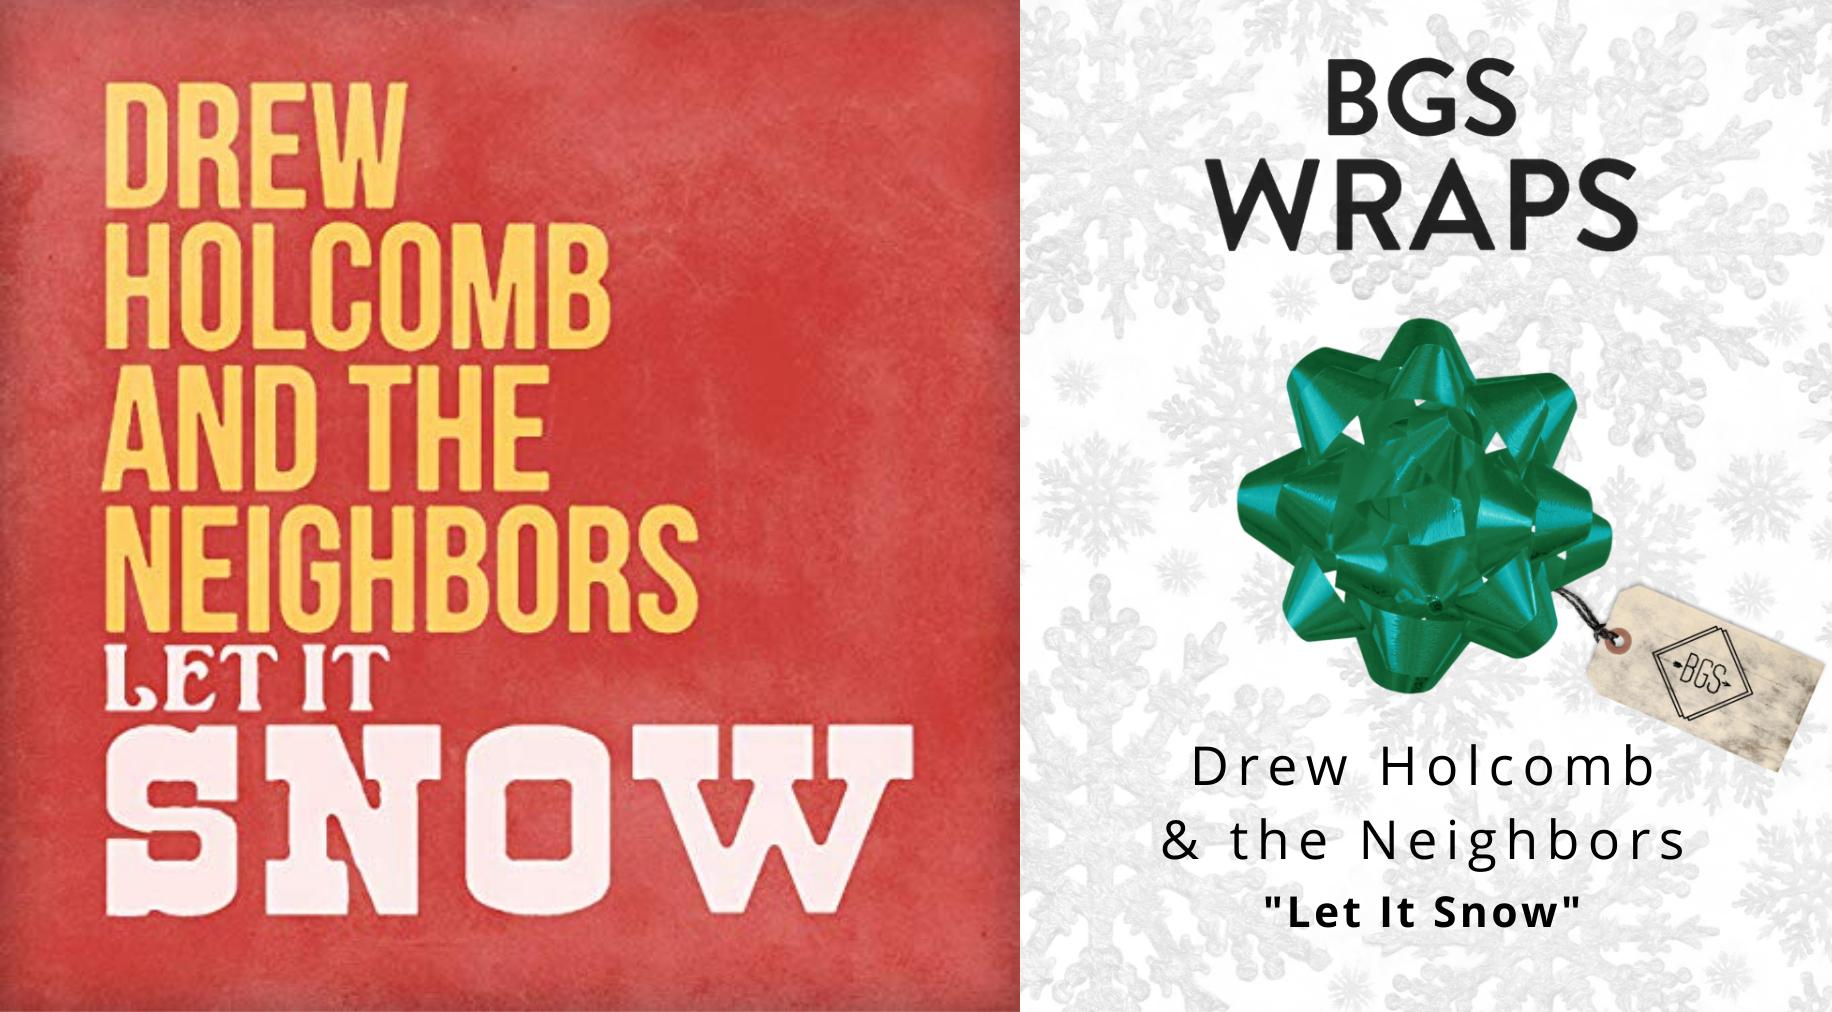 BGS WRAPS: Drew Holcomb & the Neighbors,